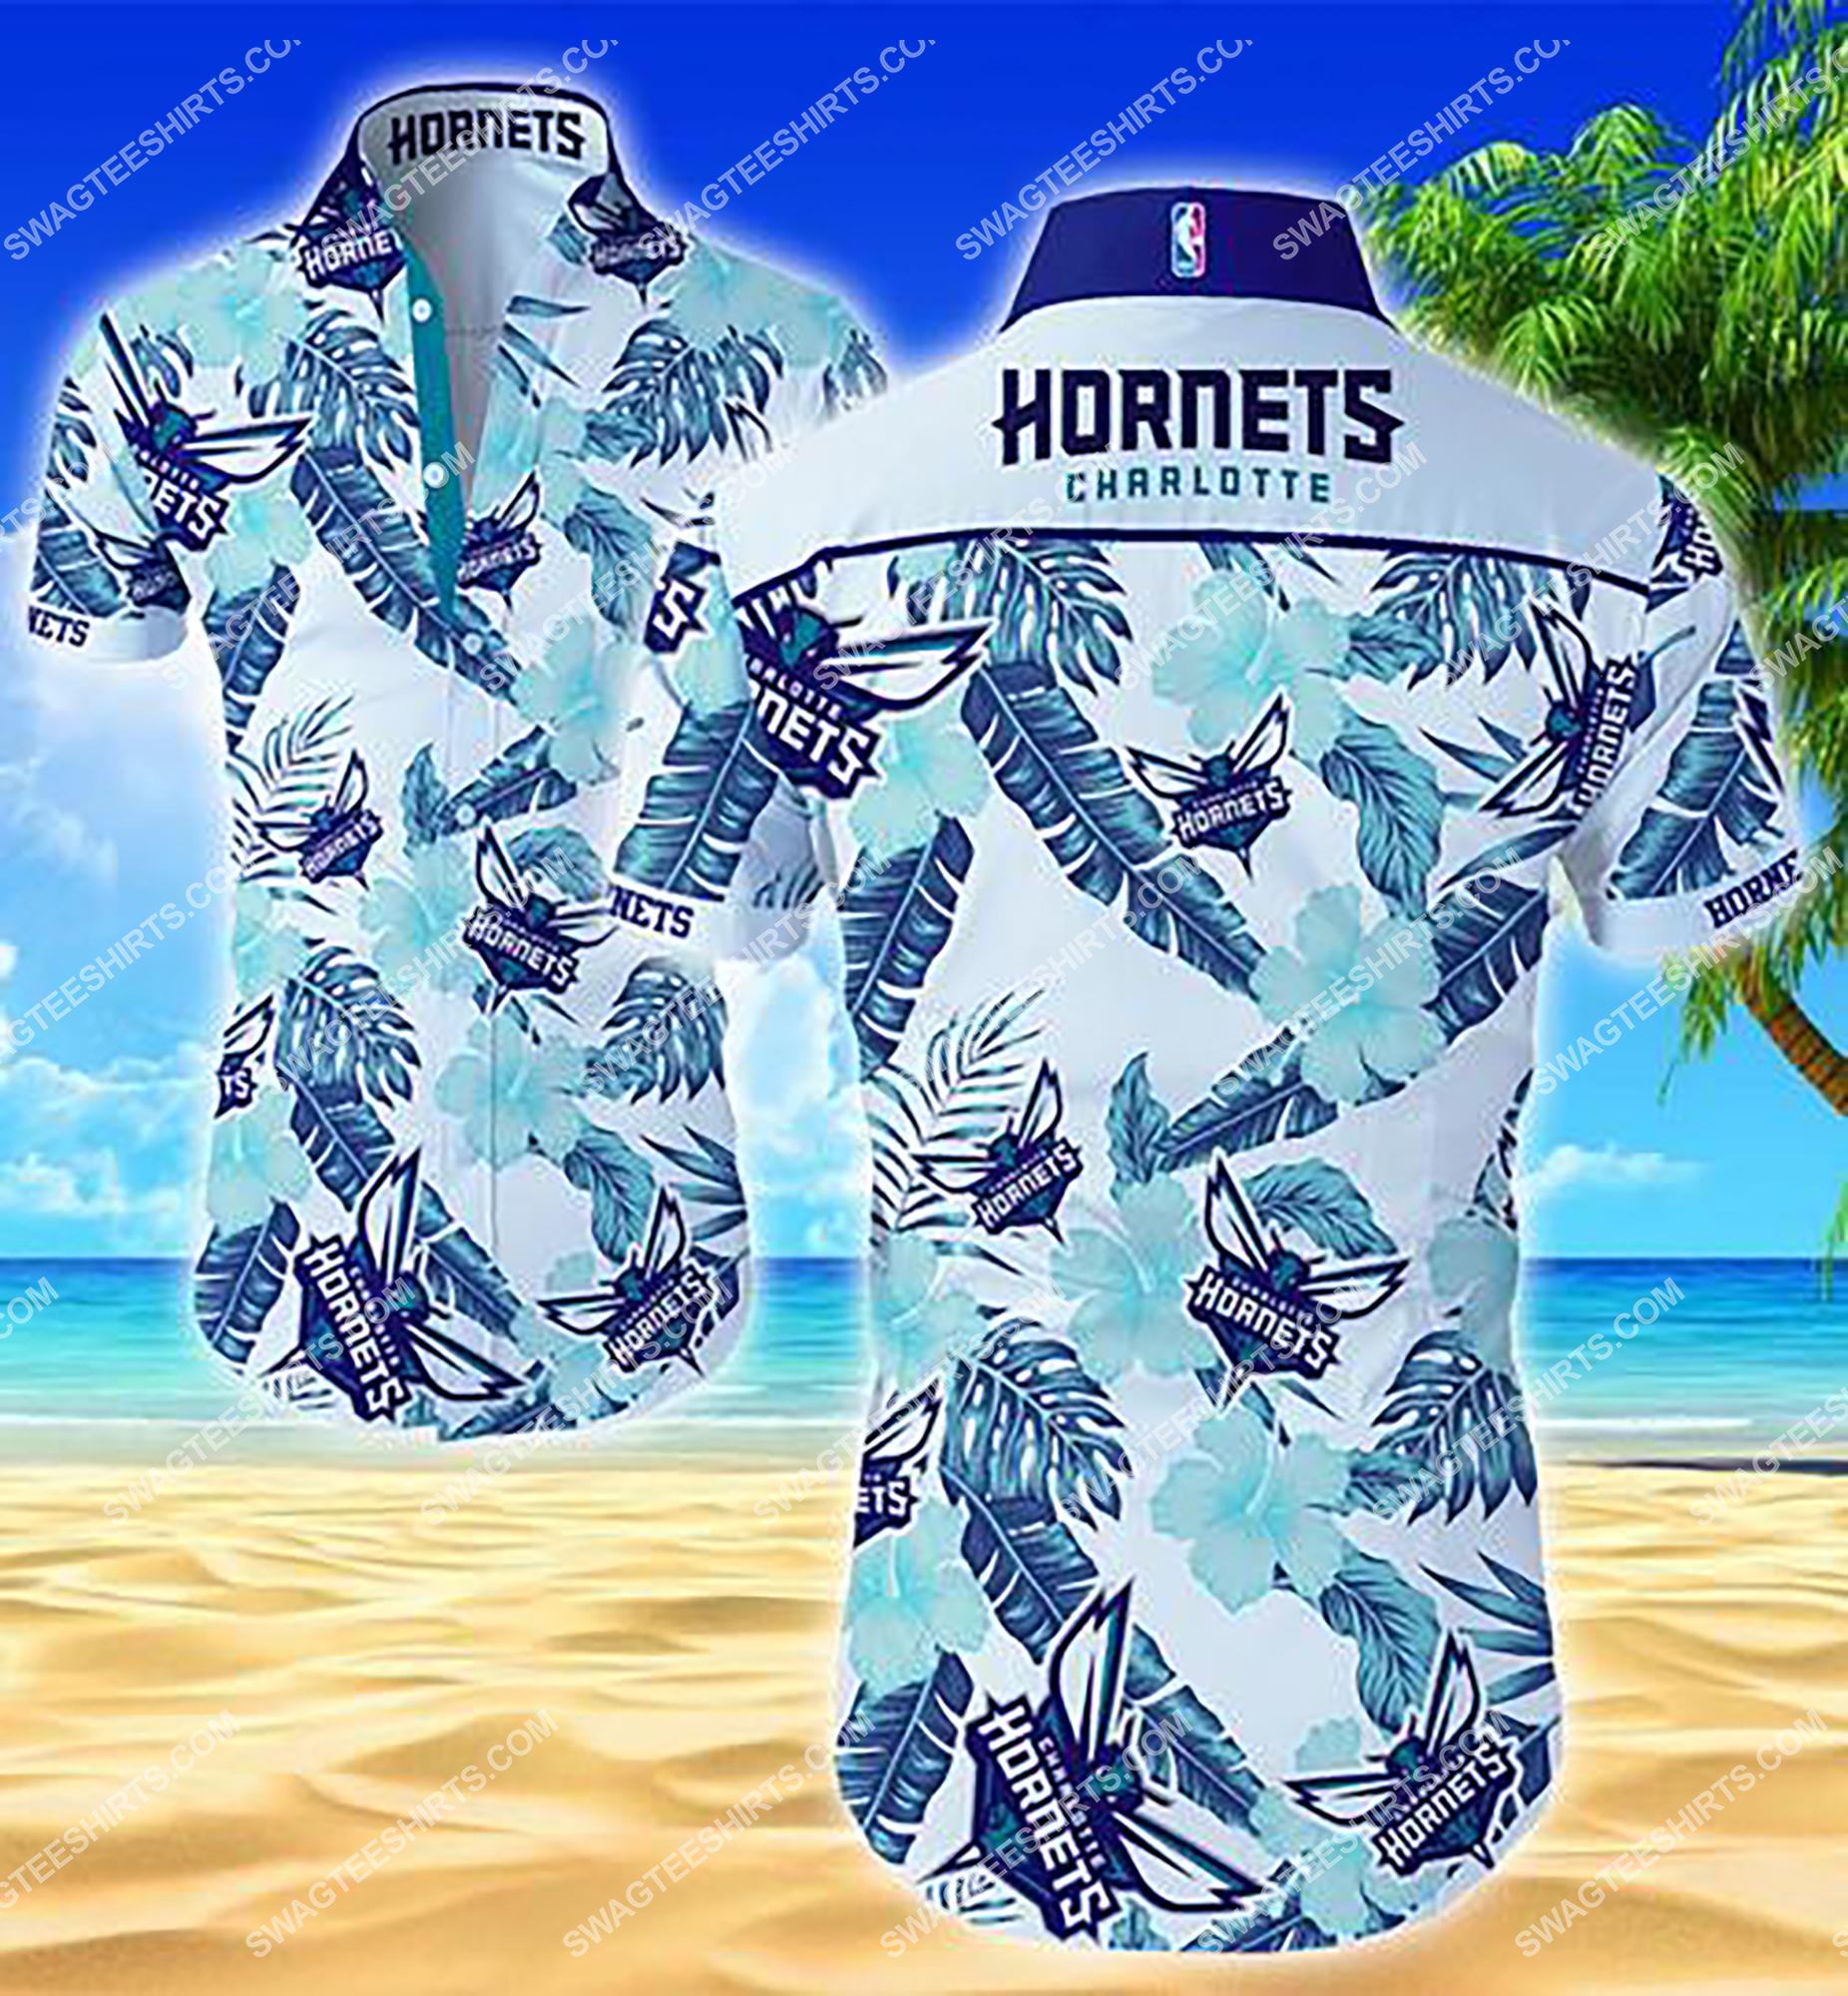 national basketball association charlotte hornets team hawaiian shirt 2 - Copy (3)